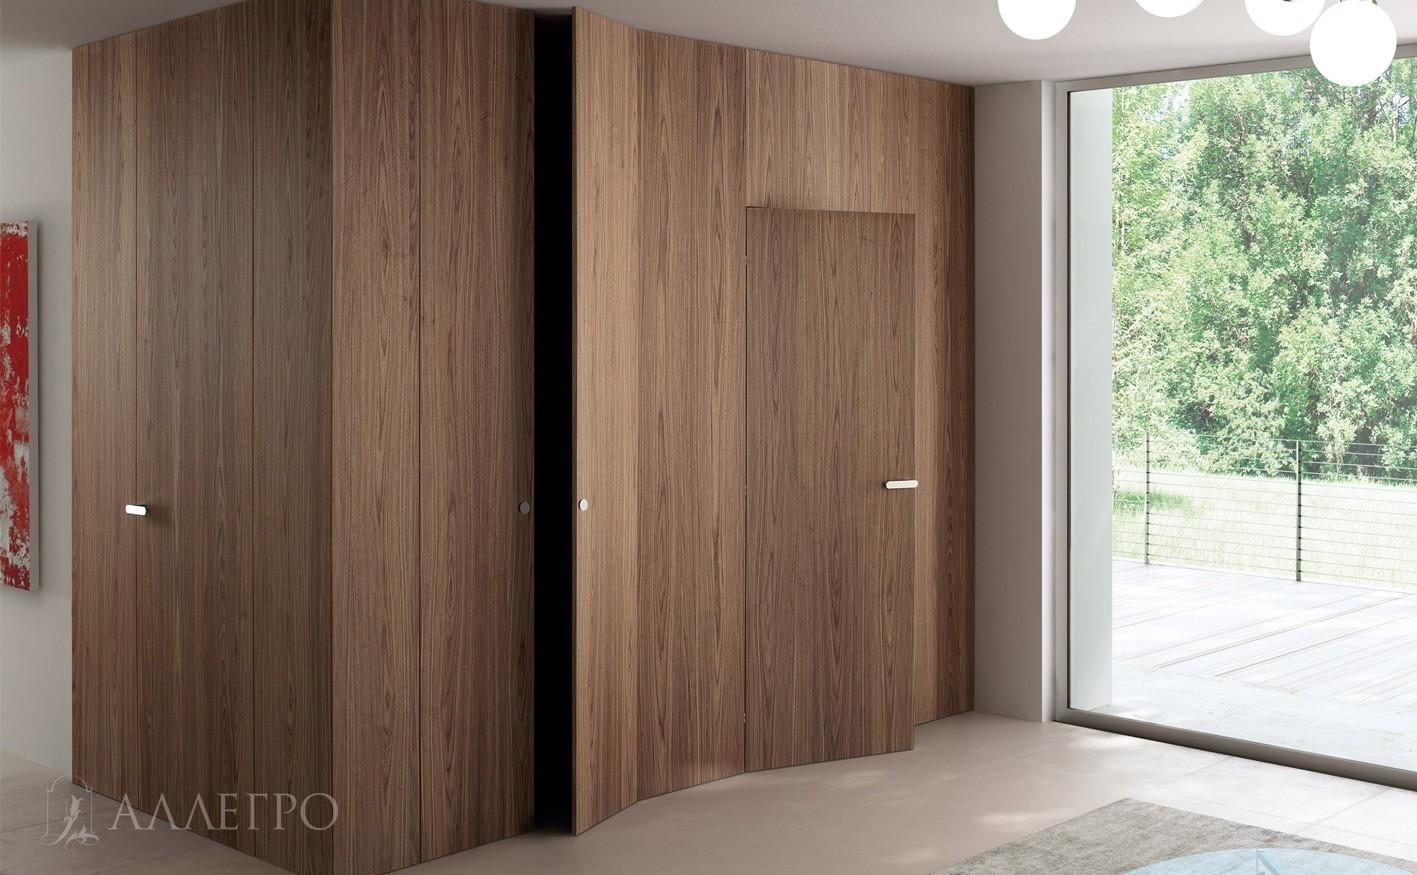 Шпонированные скрытые двери идеально впишутся в интерьер